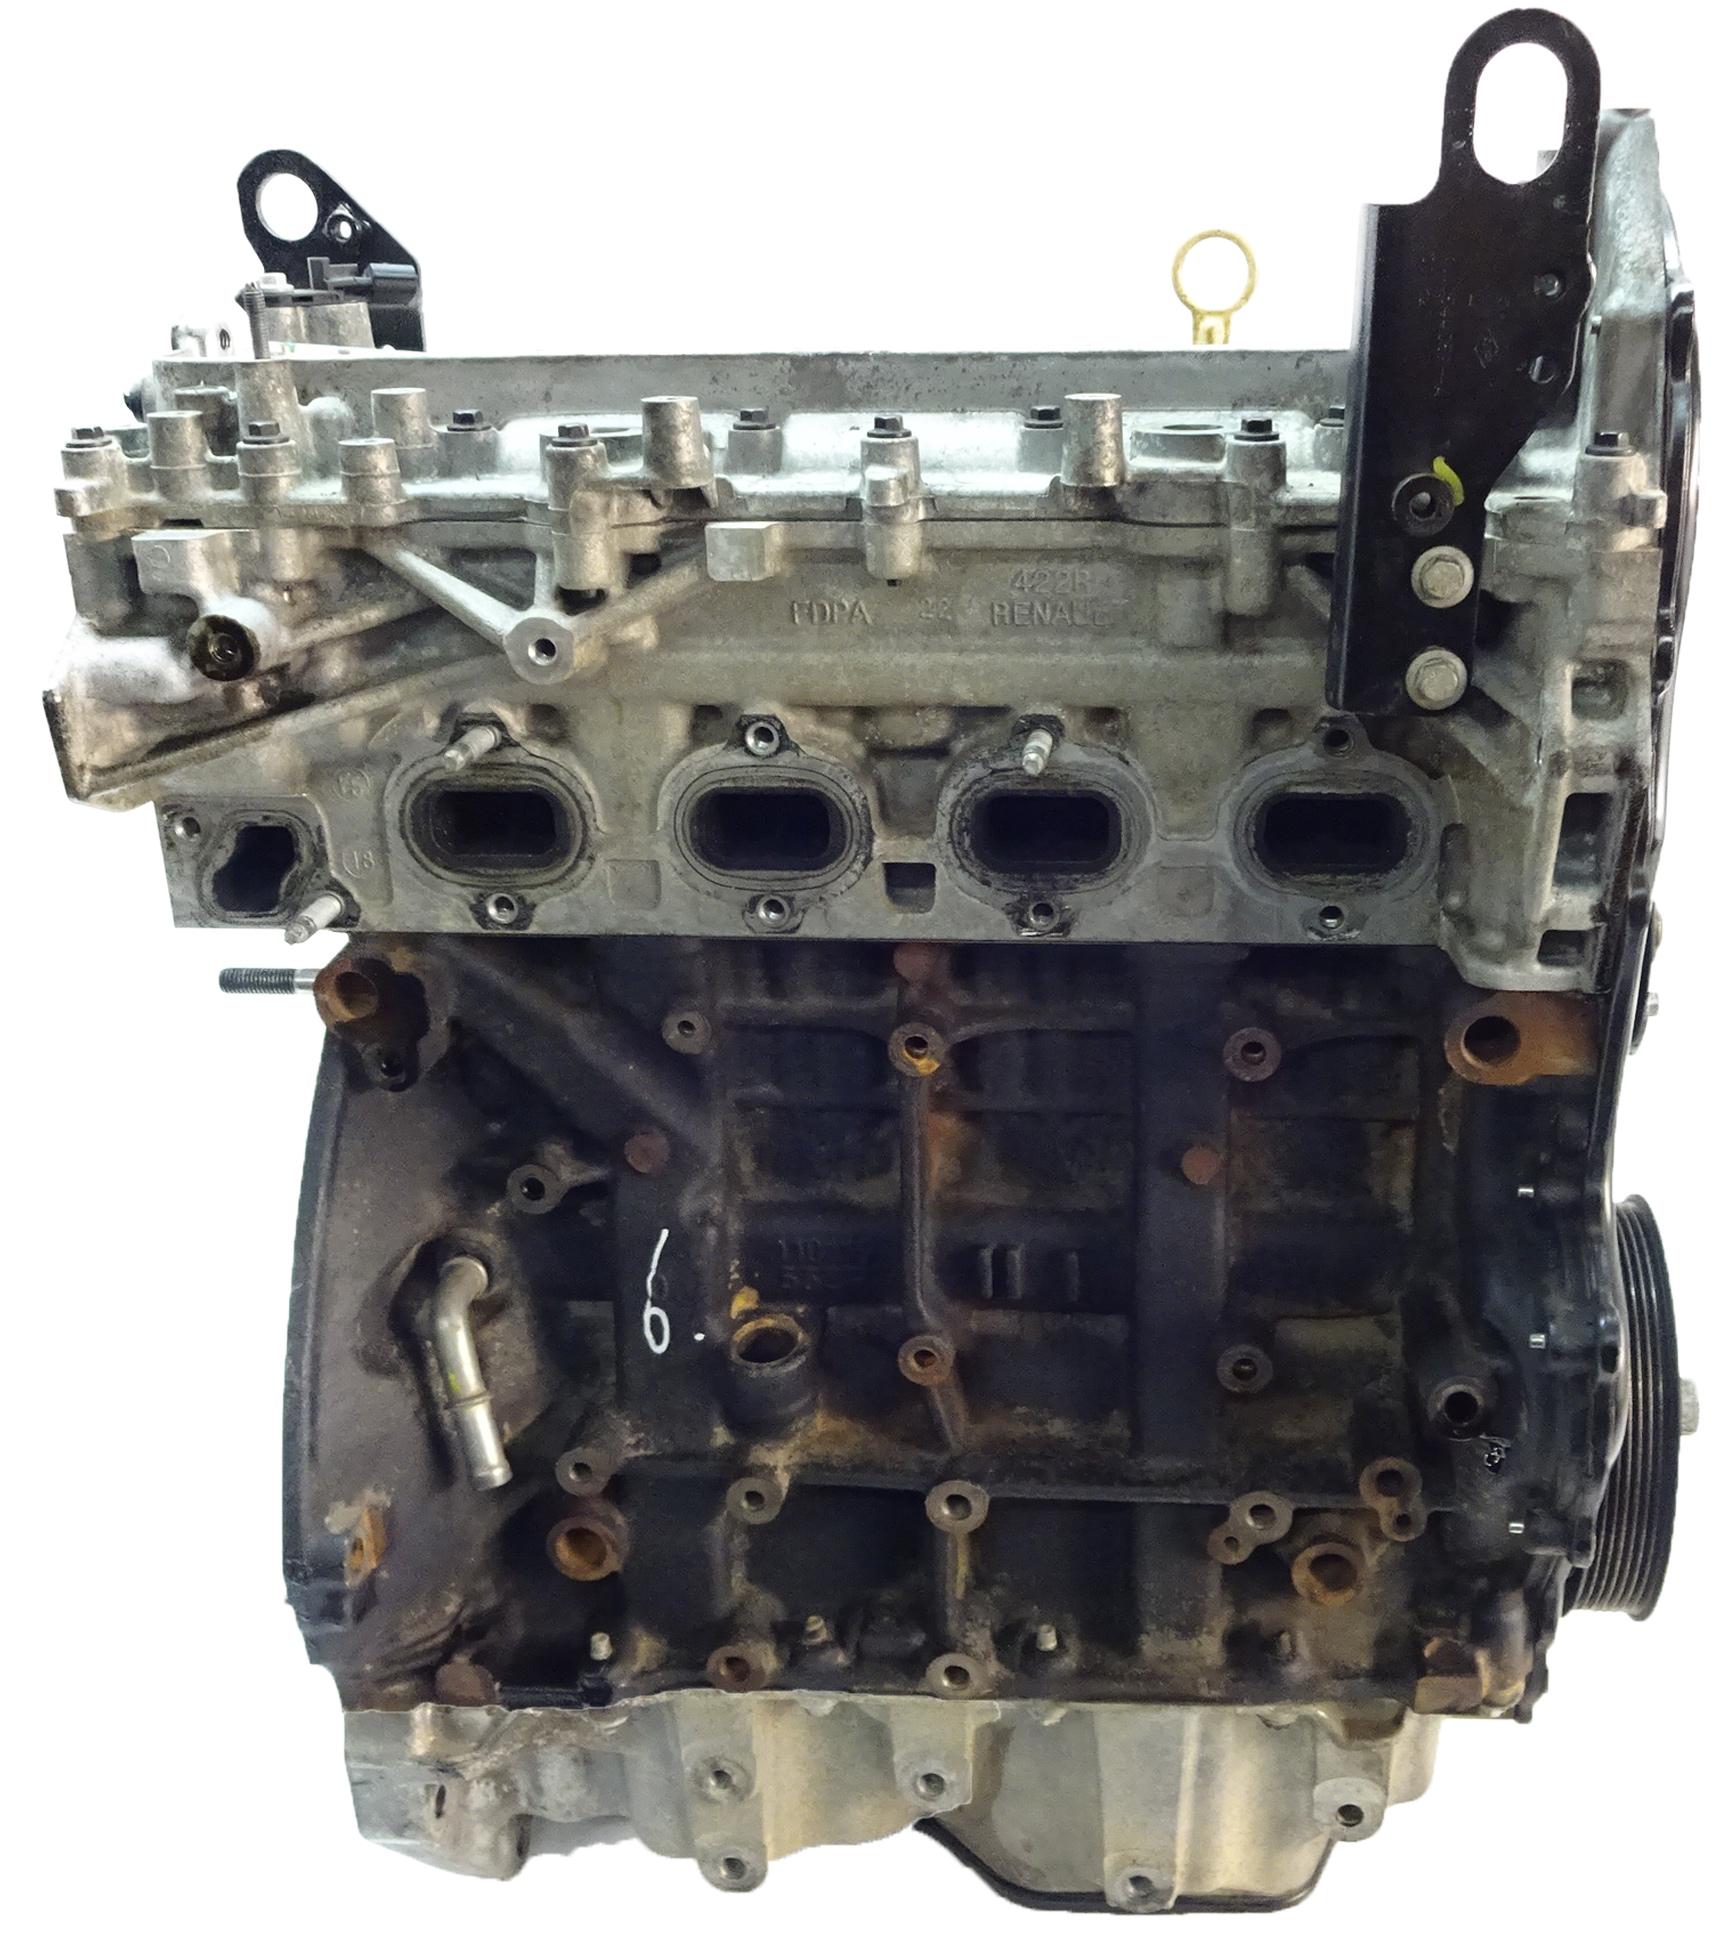 Motor 2012 Renault Megane Grand Scenic Scenic Fluence 1,6 D Diesel R9M402 R9M